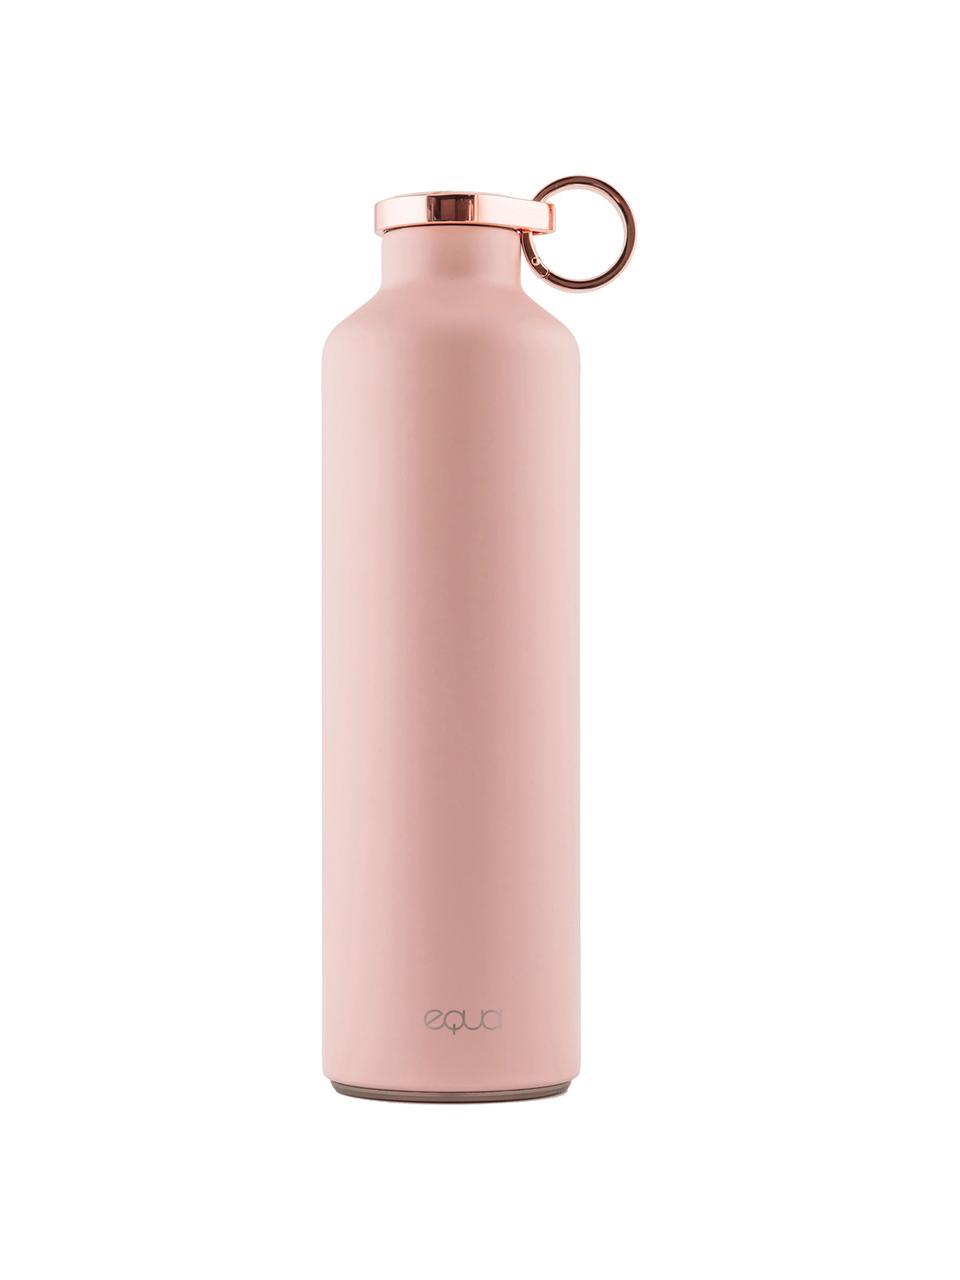 Isolierflasche Classy Thermo Pink Blush, Rostfreier Stahl, beschichtet, Rosa, Kupferfarben, Ø 8 x H 26 cm